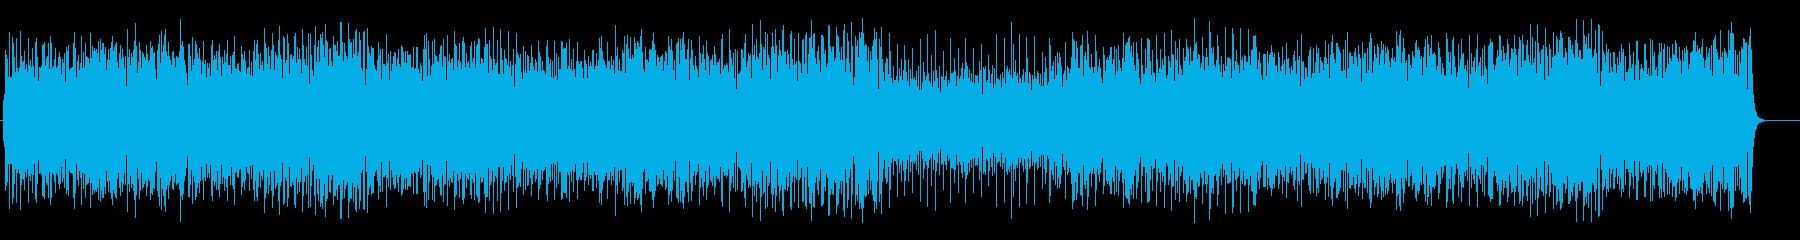 パーカッシブなラテンマイナーフュージョンの再生済みの波形